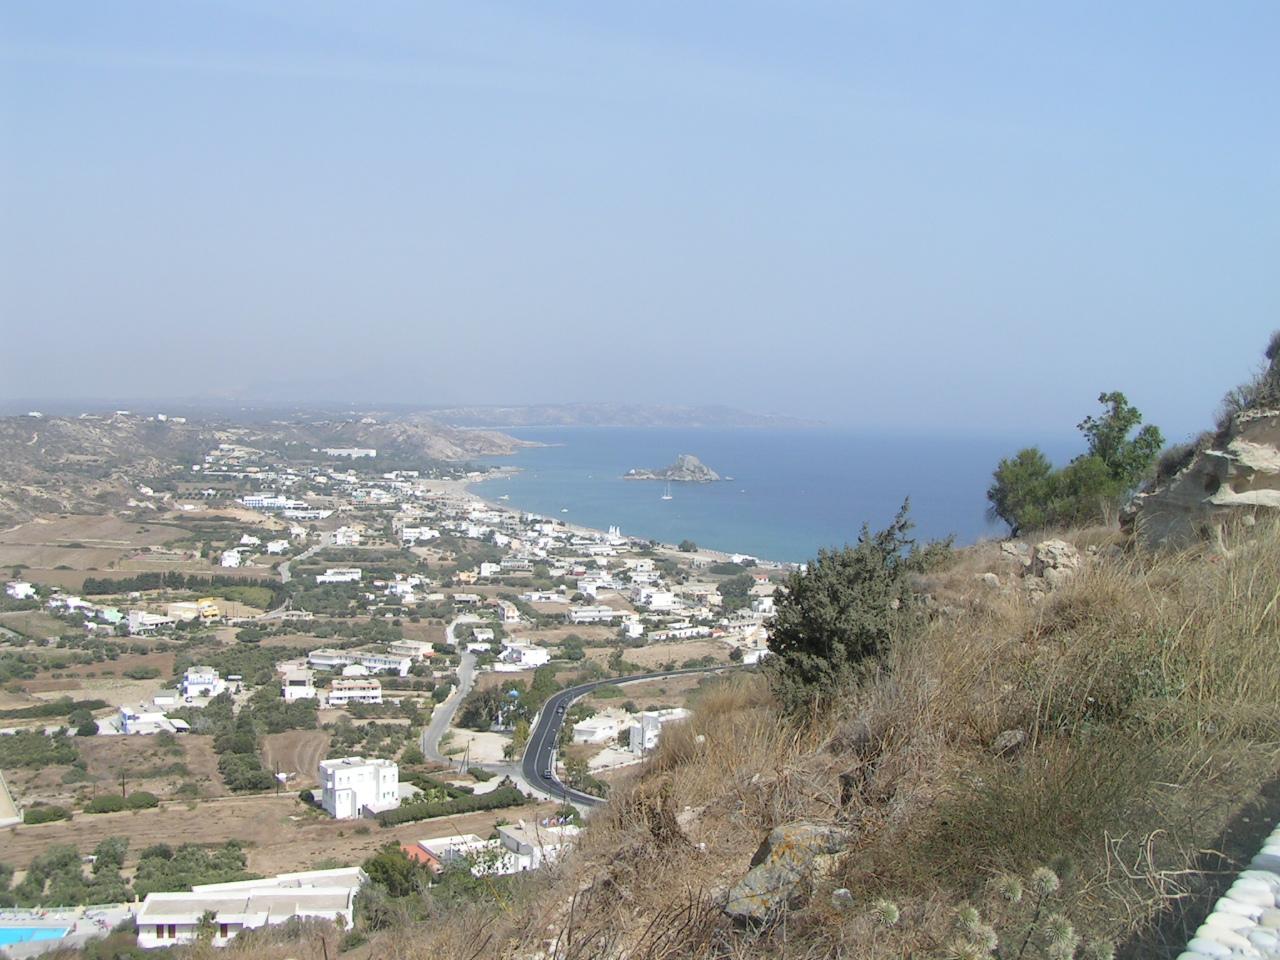 Nou cutremur in Kos: relatari ale Mitropolitului ortodox local, Natanael, vizavi de daunele produse in zona. Patriarhul Bartolomeu a fost contactat.